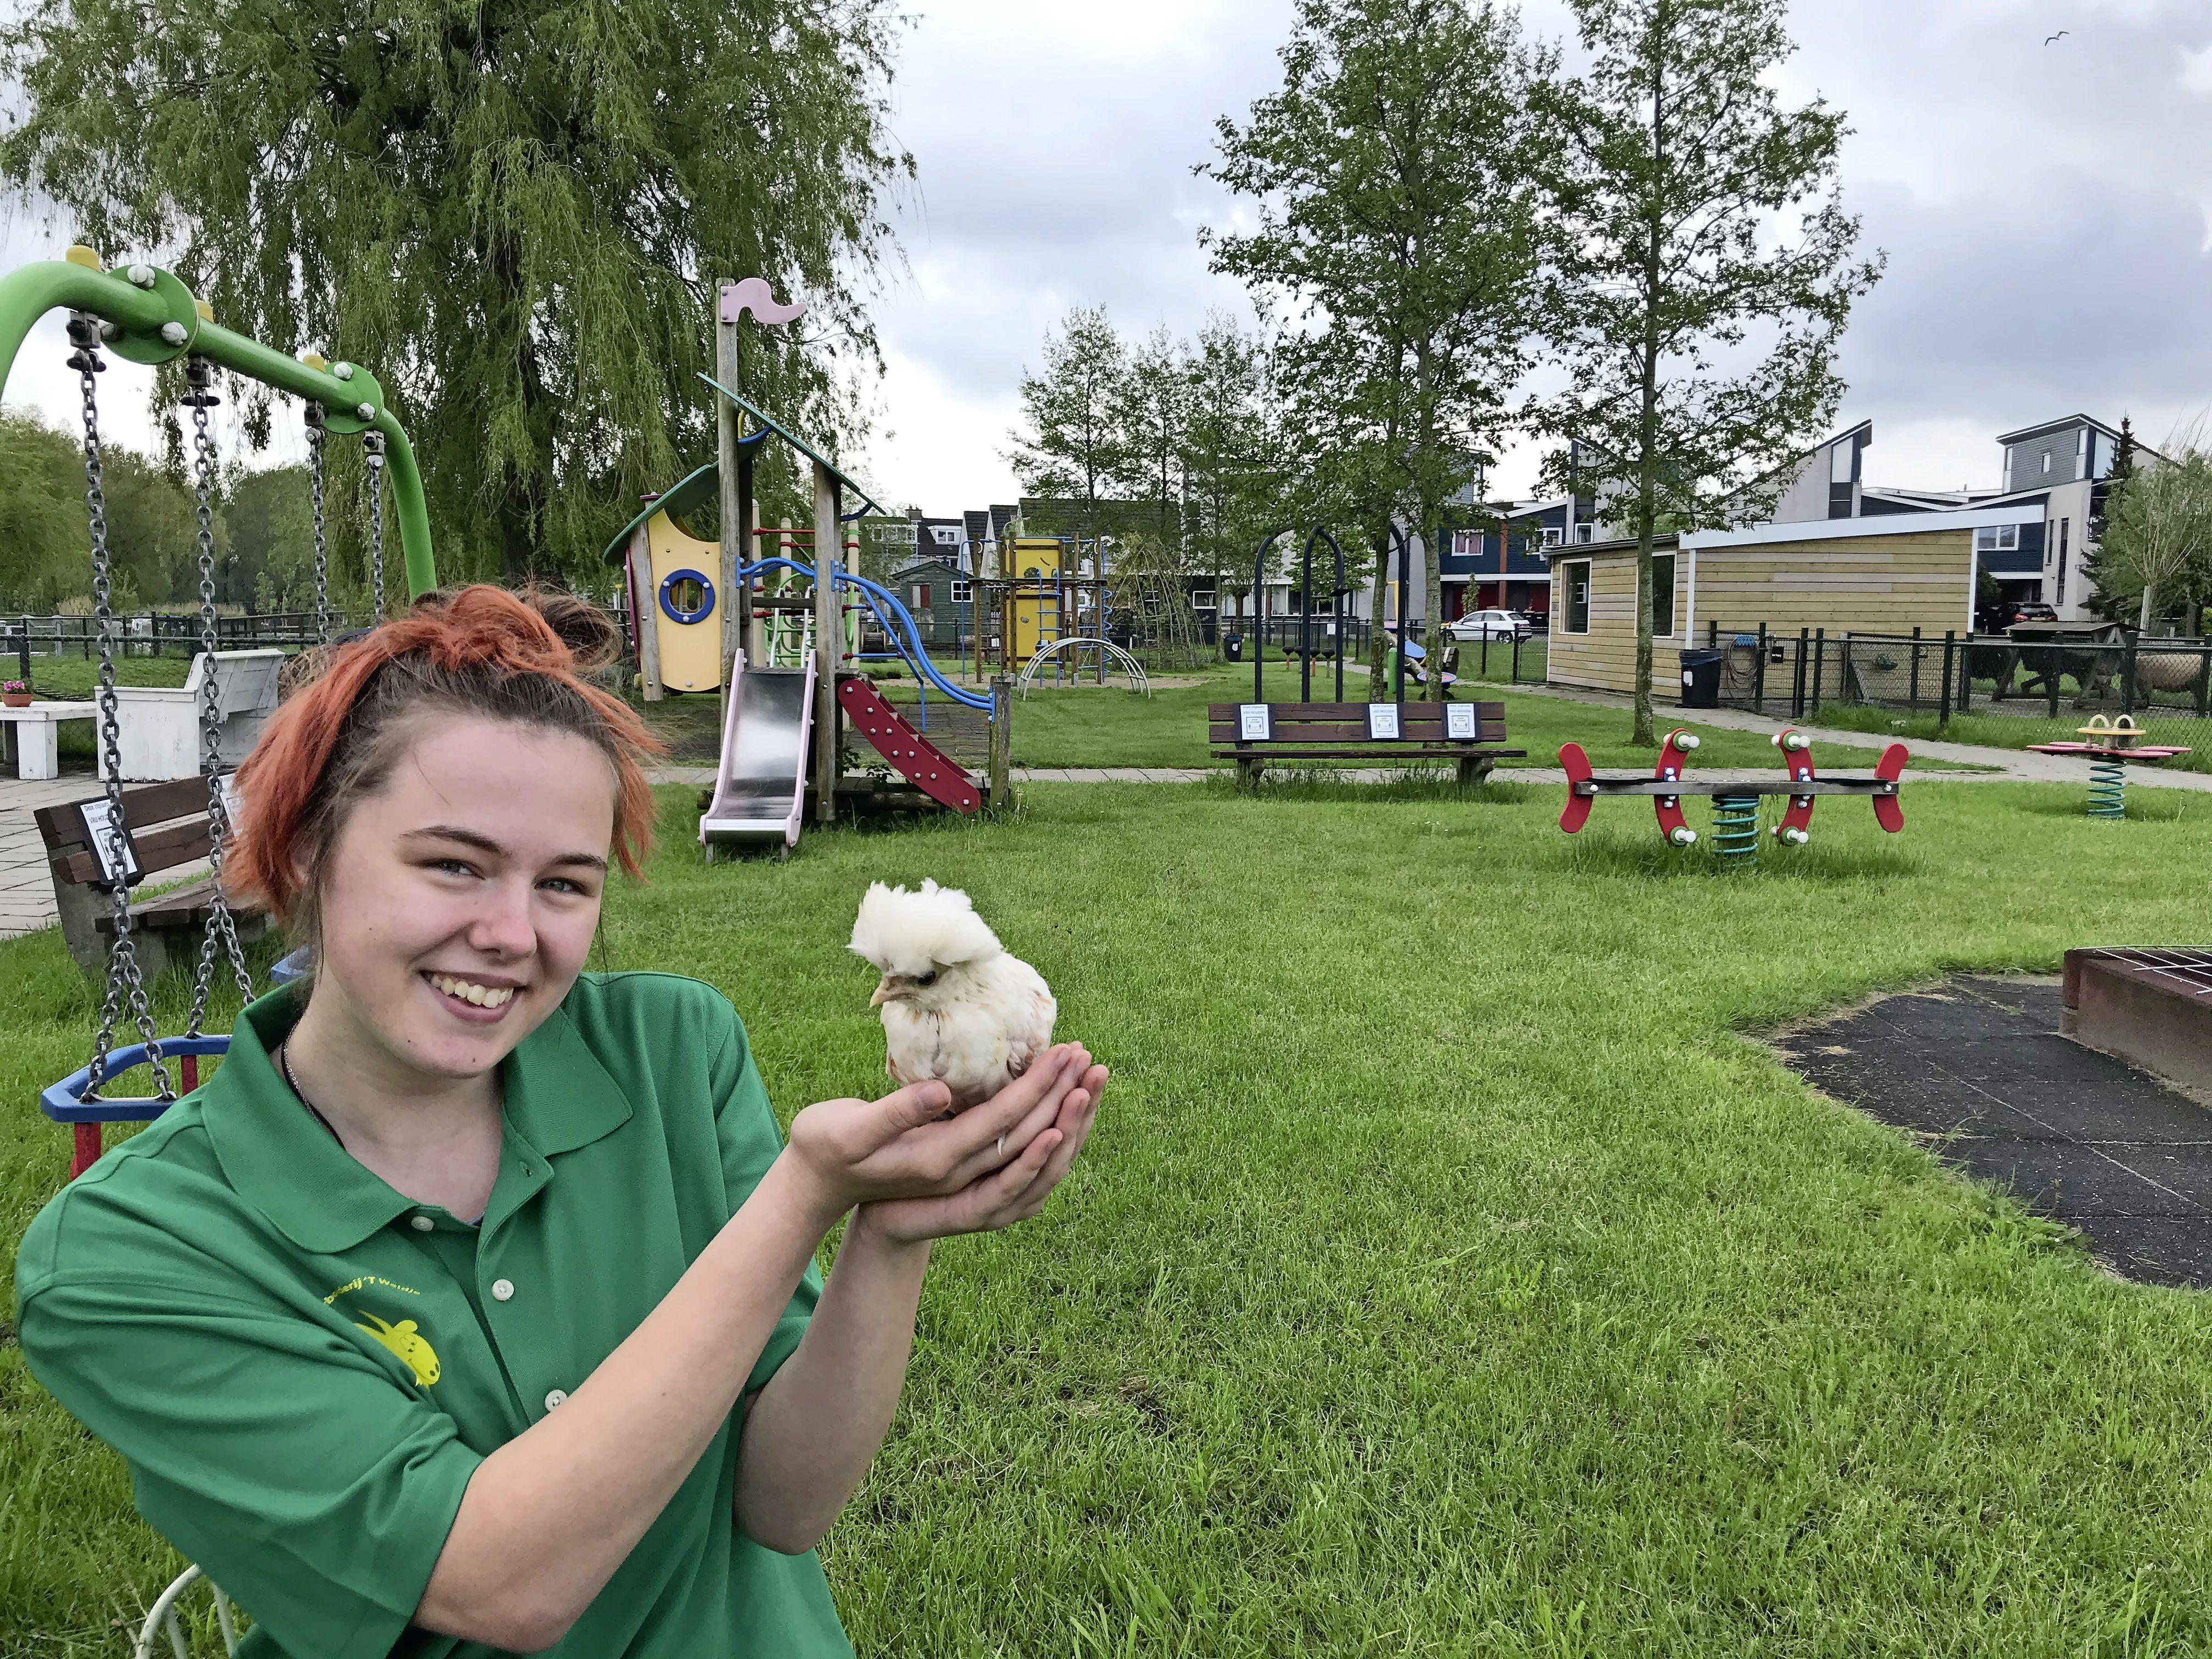 De kinderboerderijen zijn vanaf woensdag weer open, maar alleen toegang tot de buitenverblijven